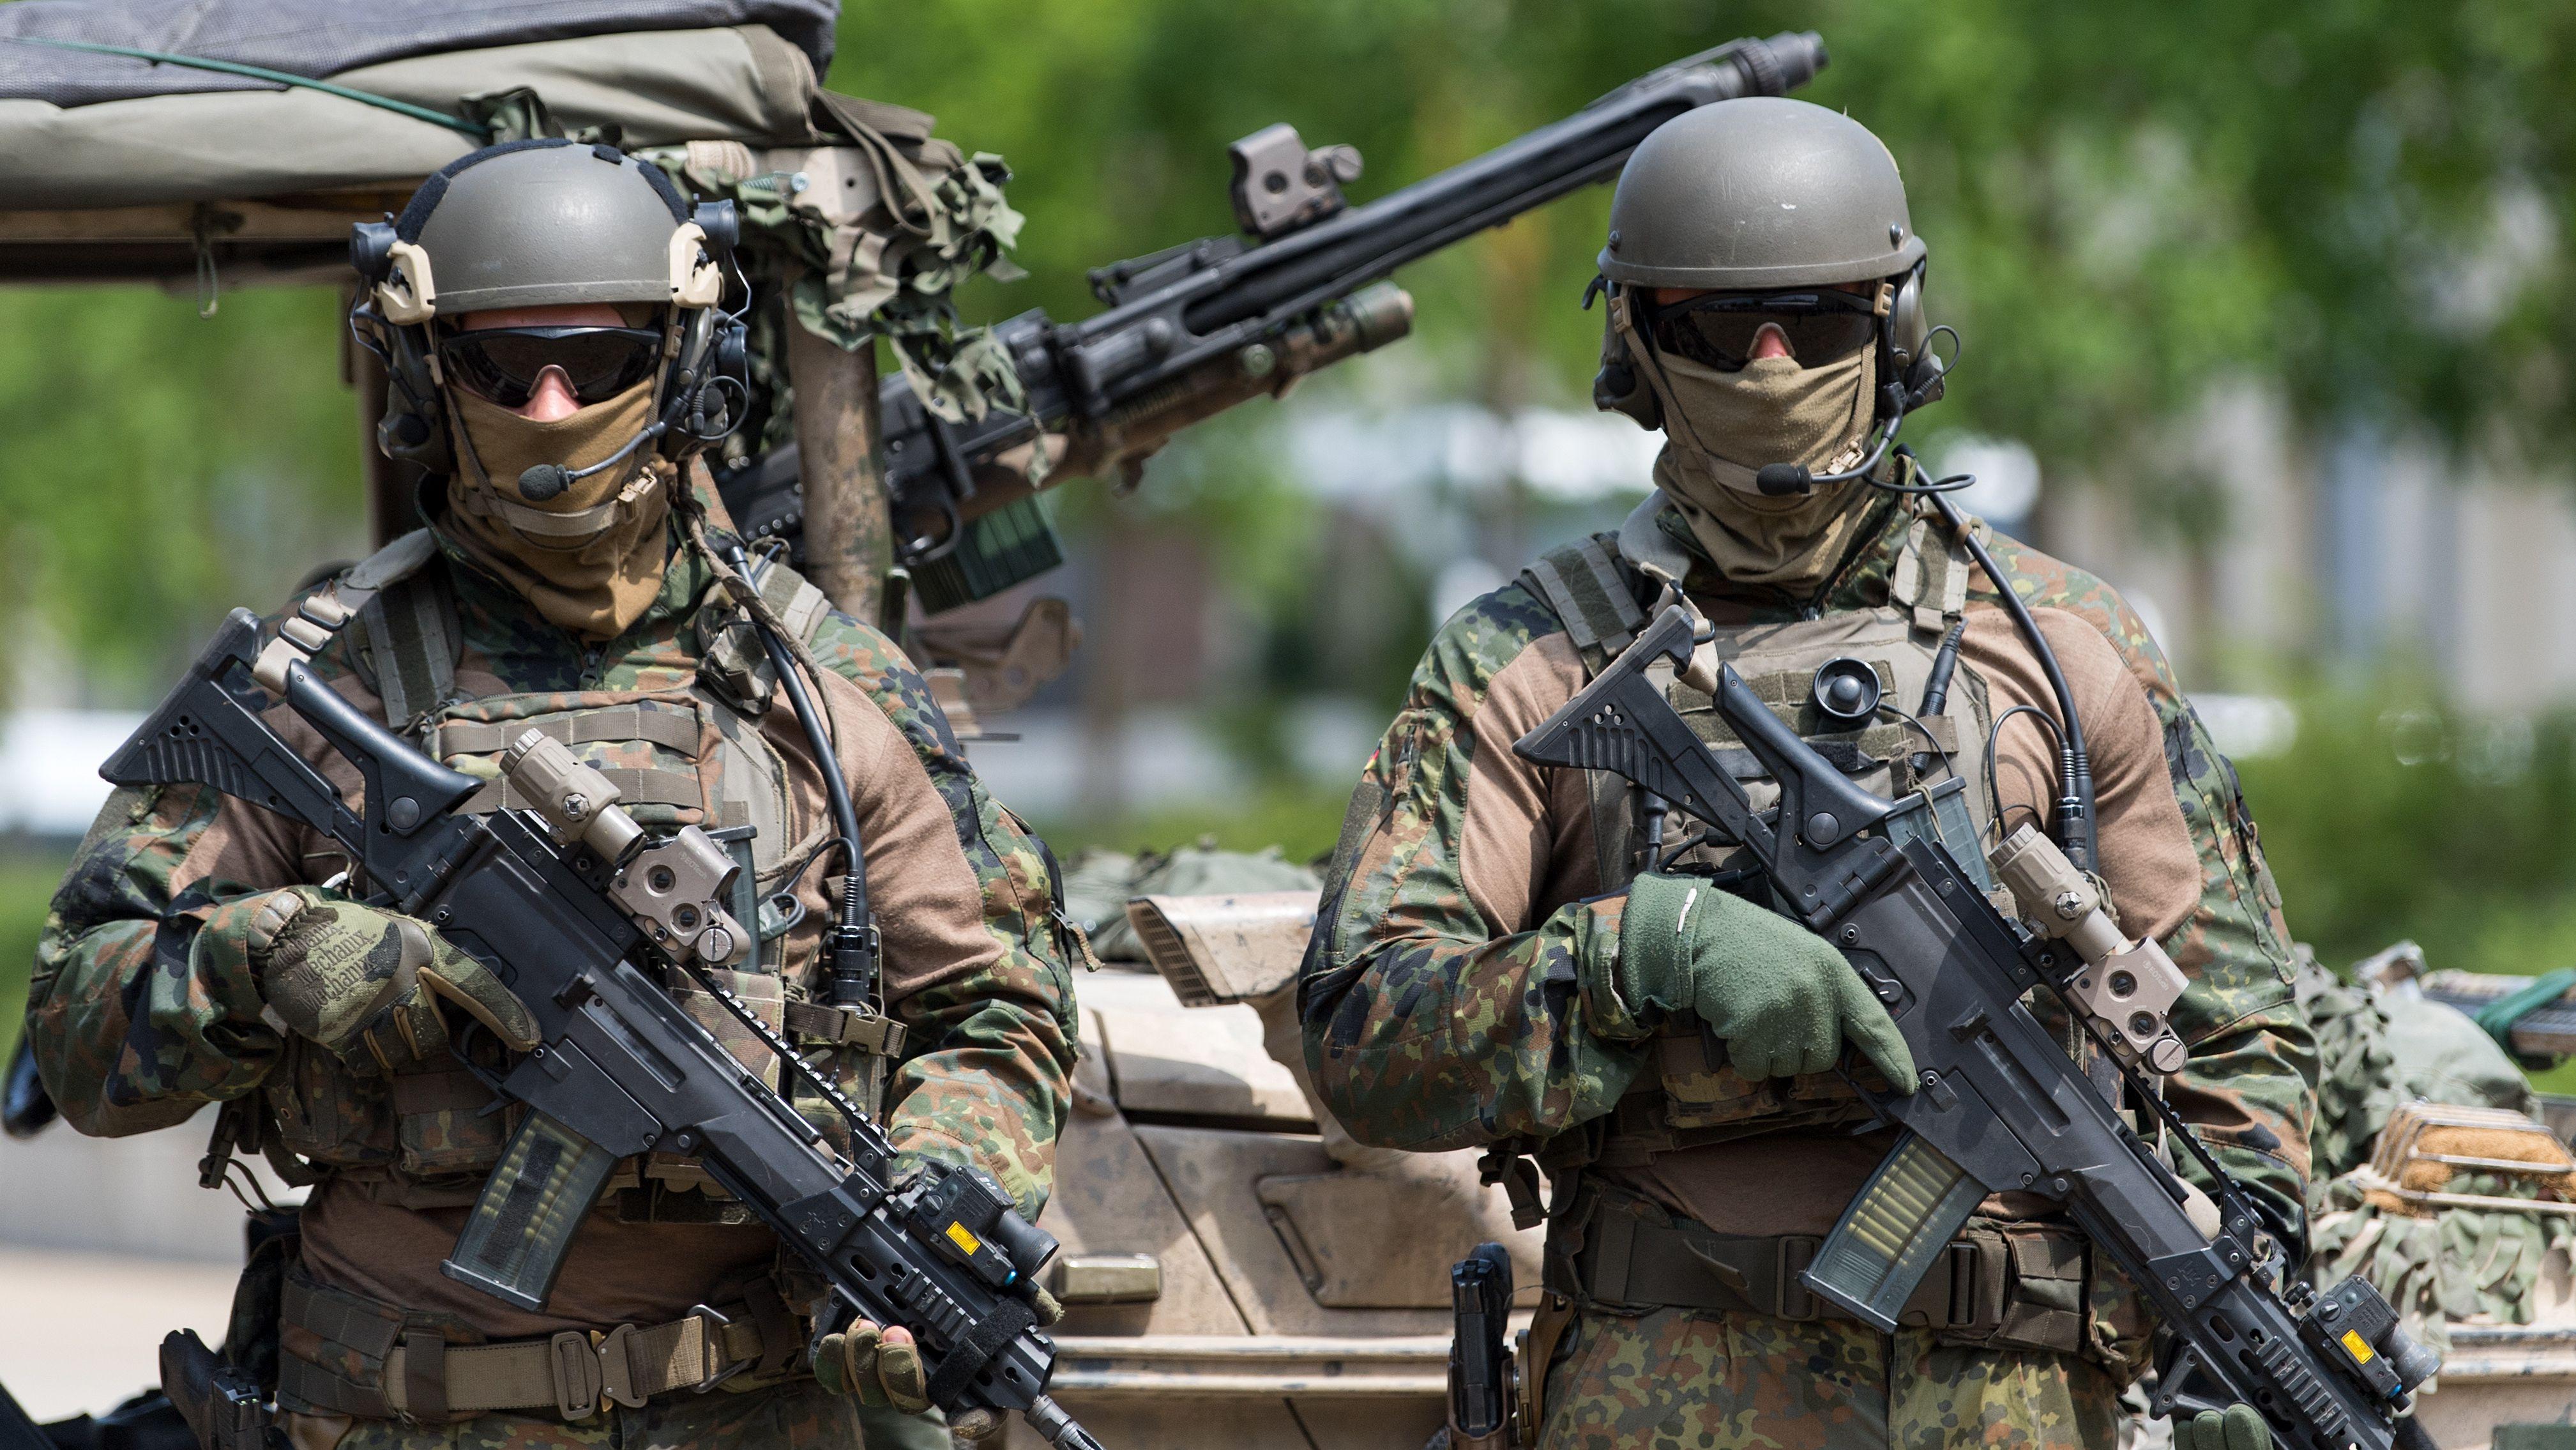 Zwei vermummte Spezialkräfte der Bundeswehr mit Maschinengewehren bewaffnet.